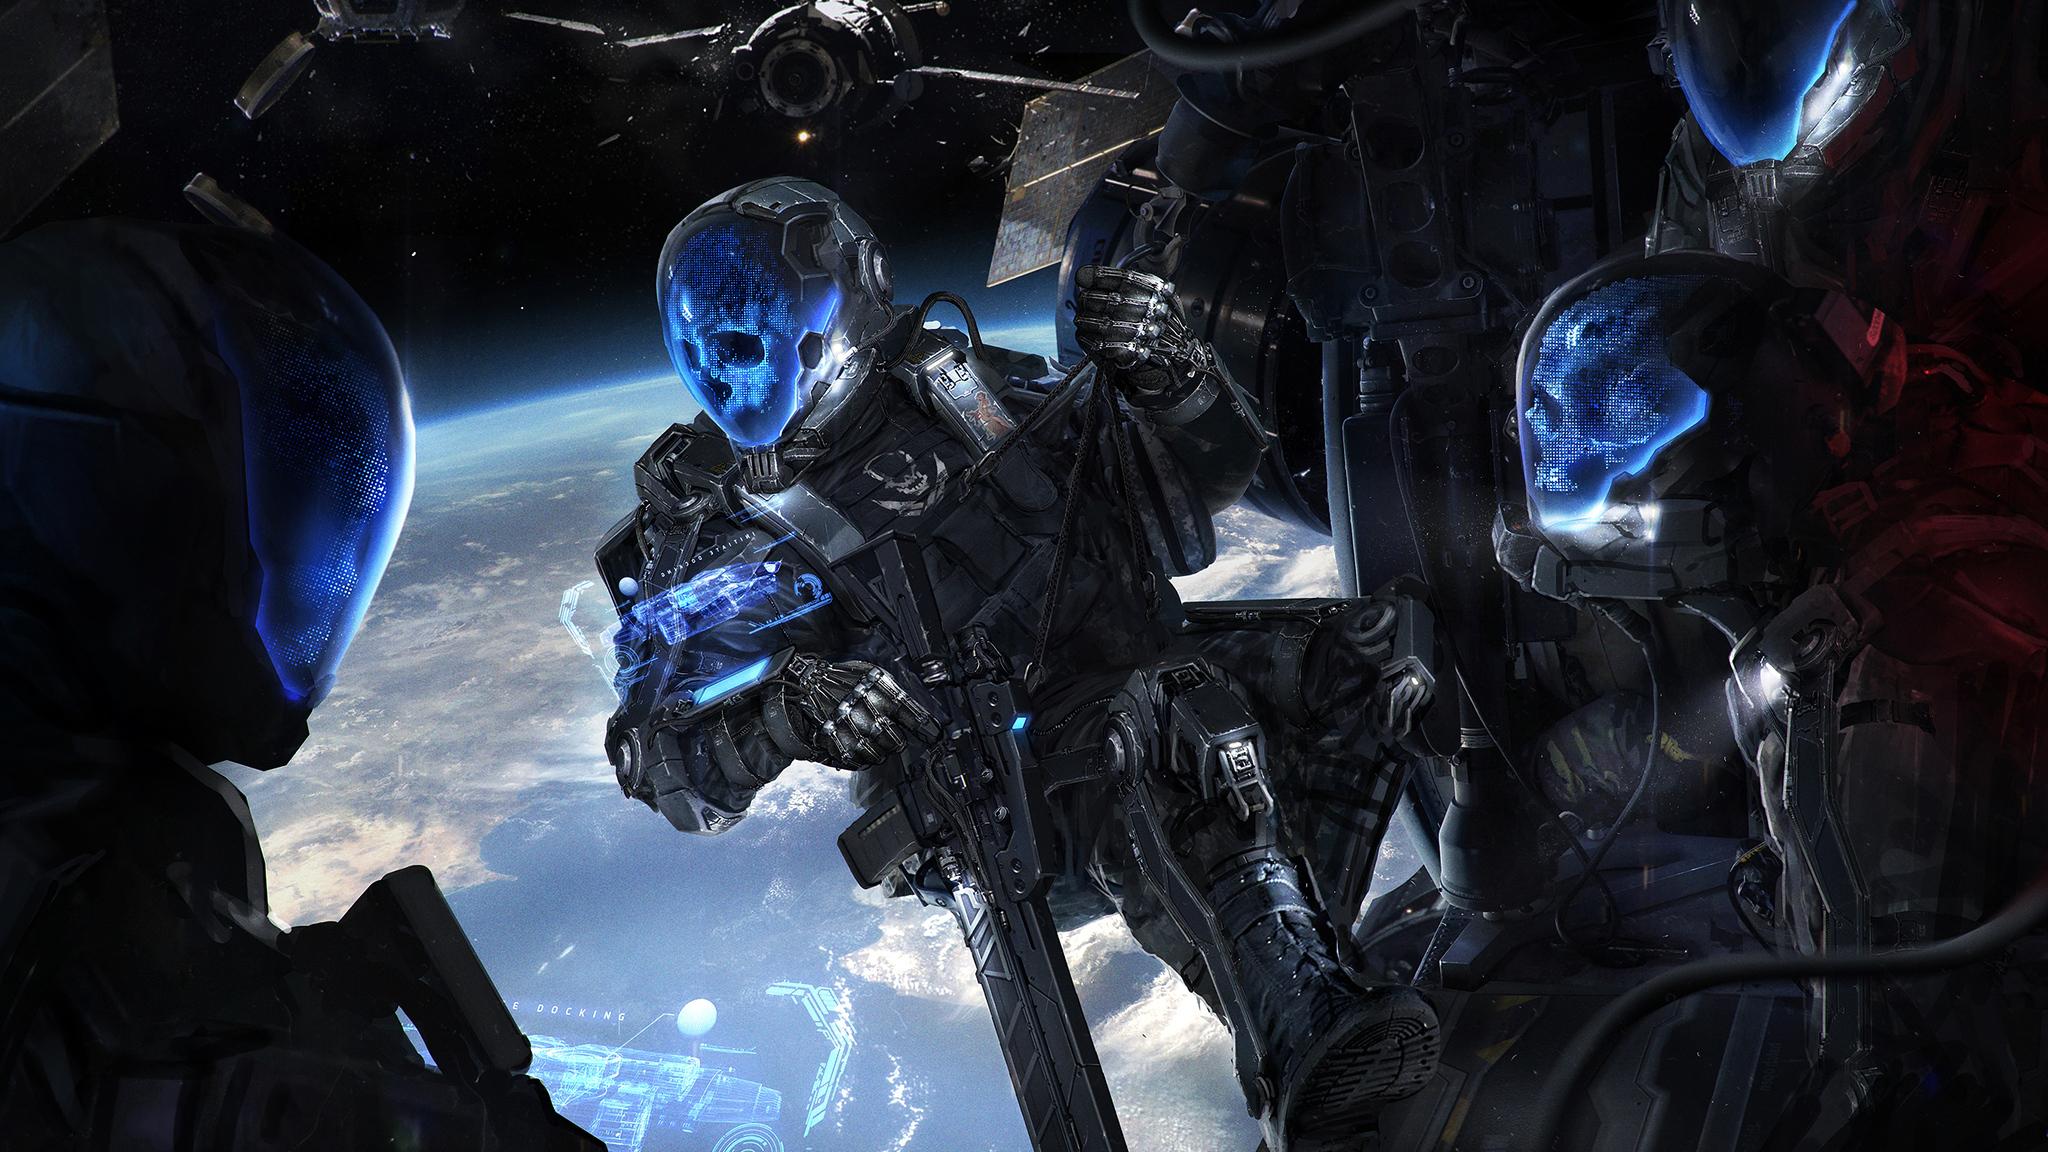 frontier-buccaneers-scifi-skull-soldiers-j2.jpg